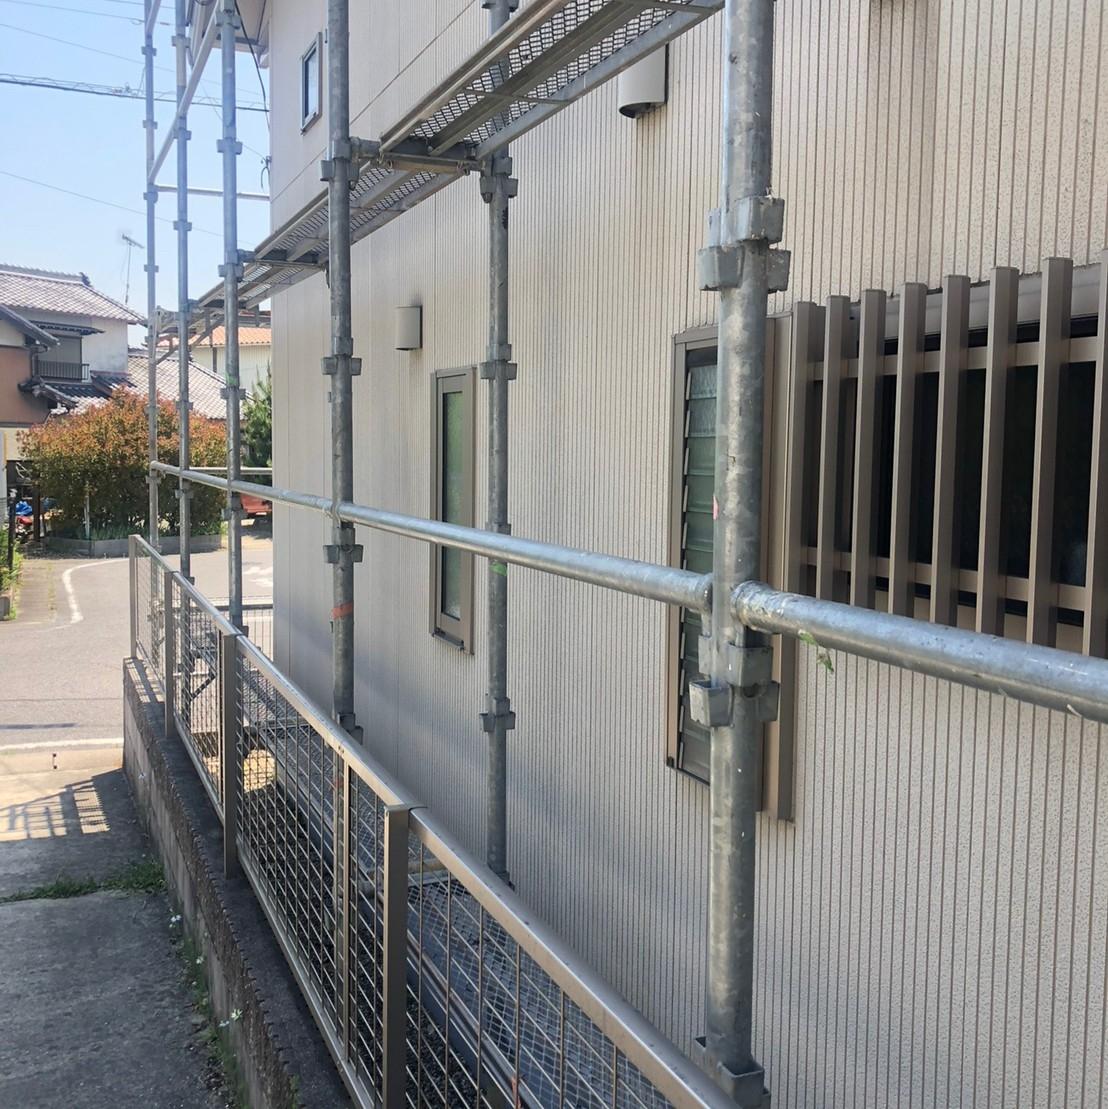 jirei_image54656